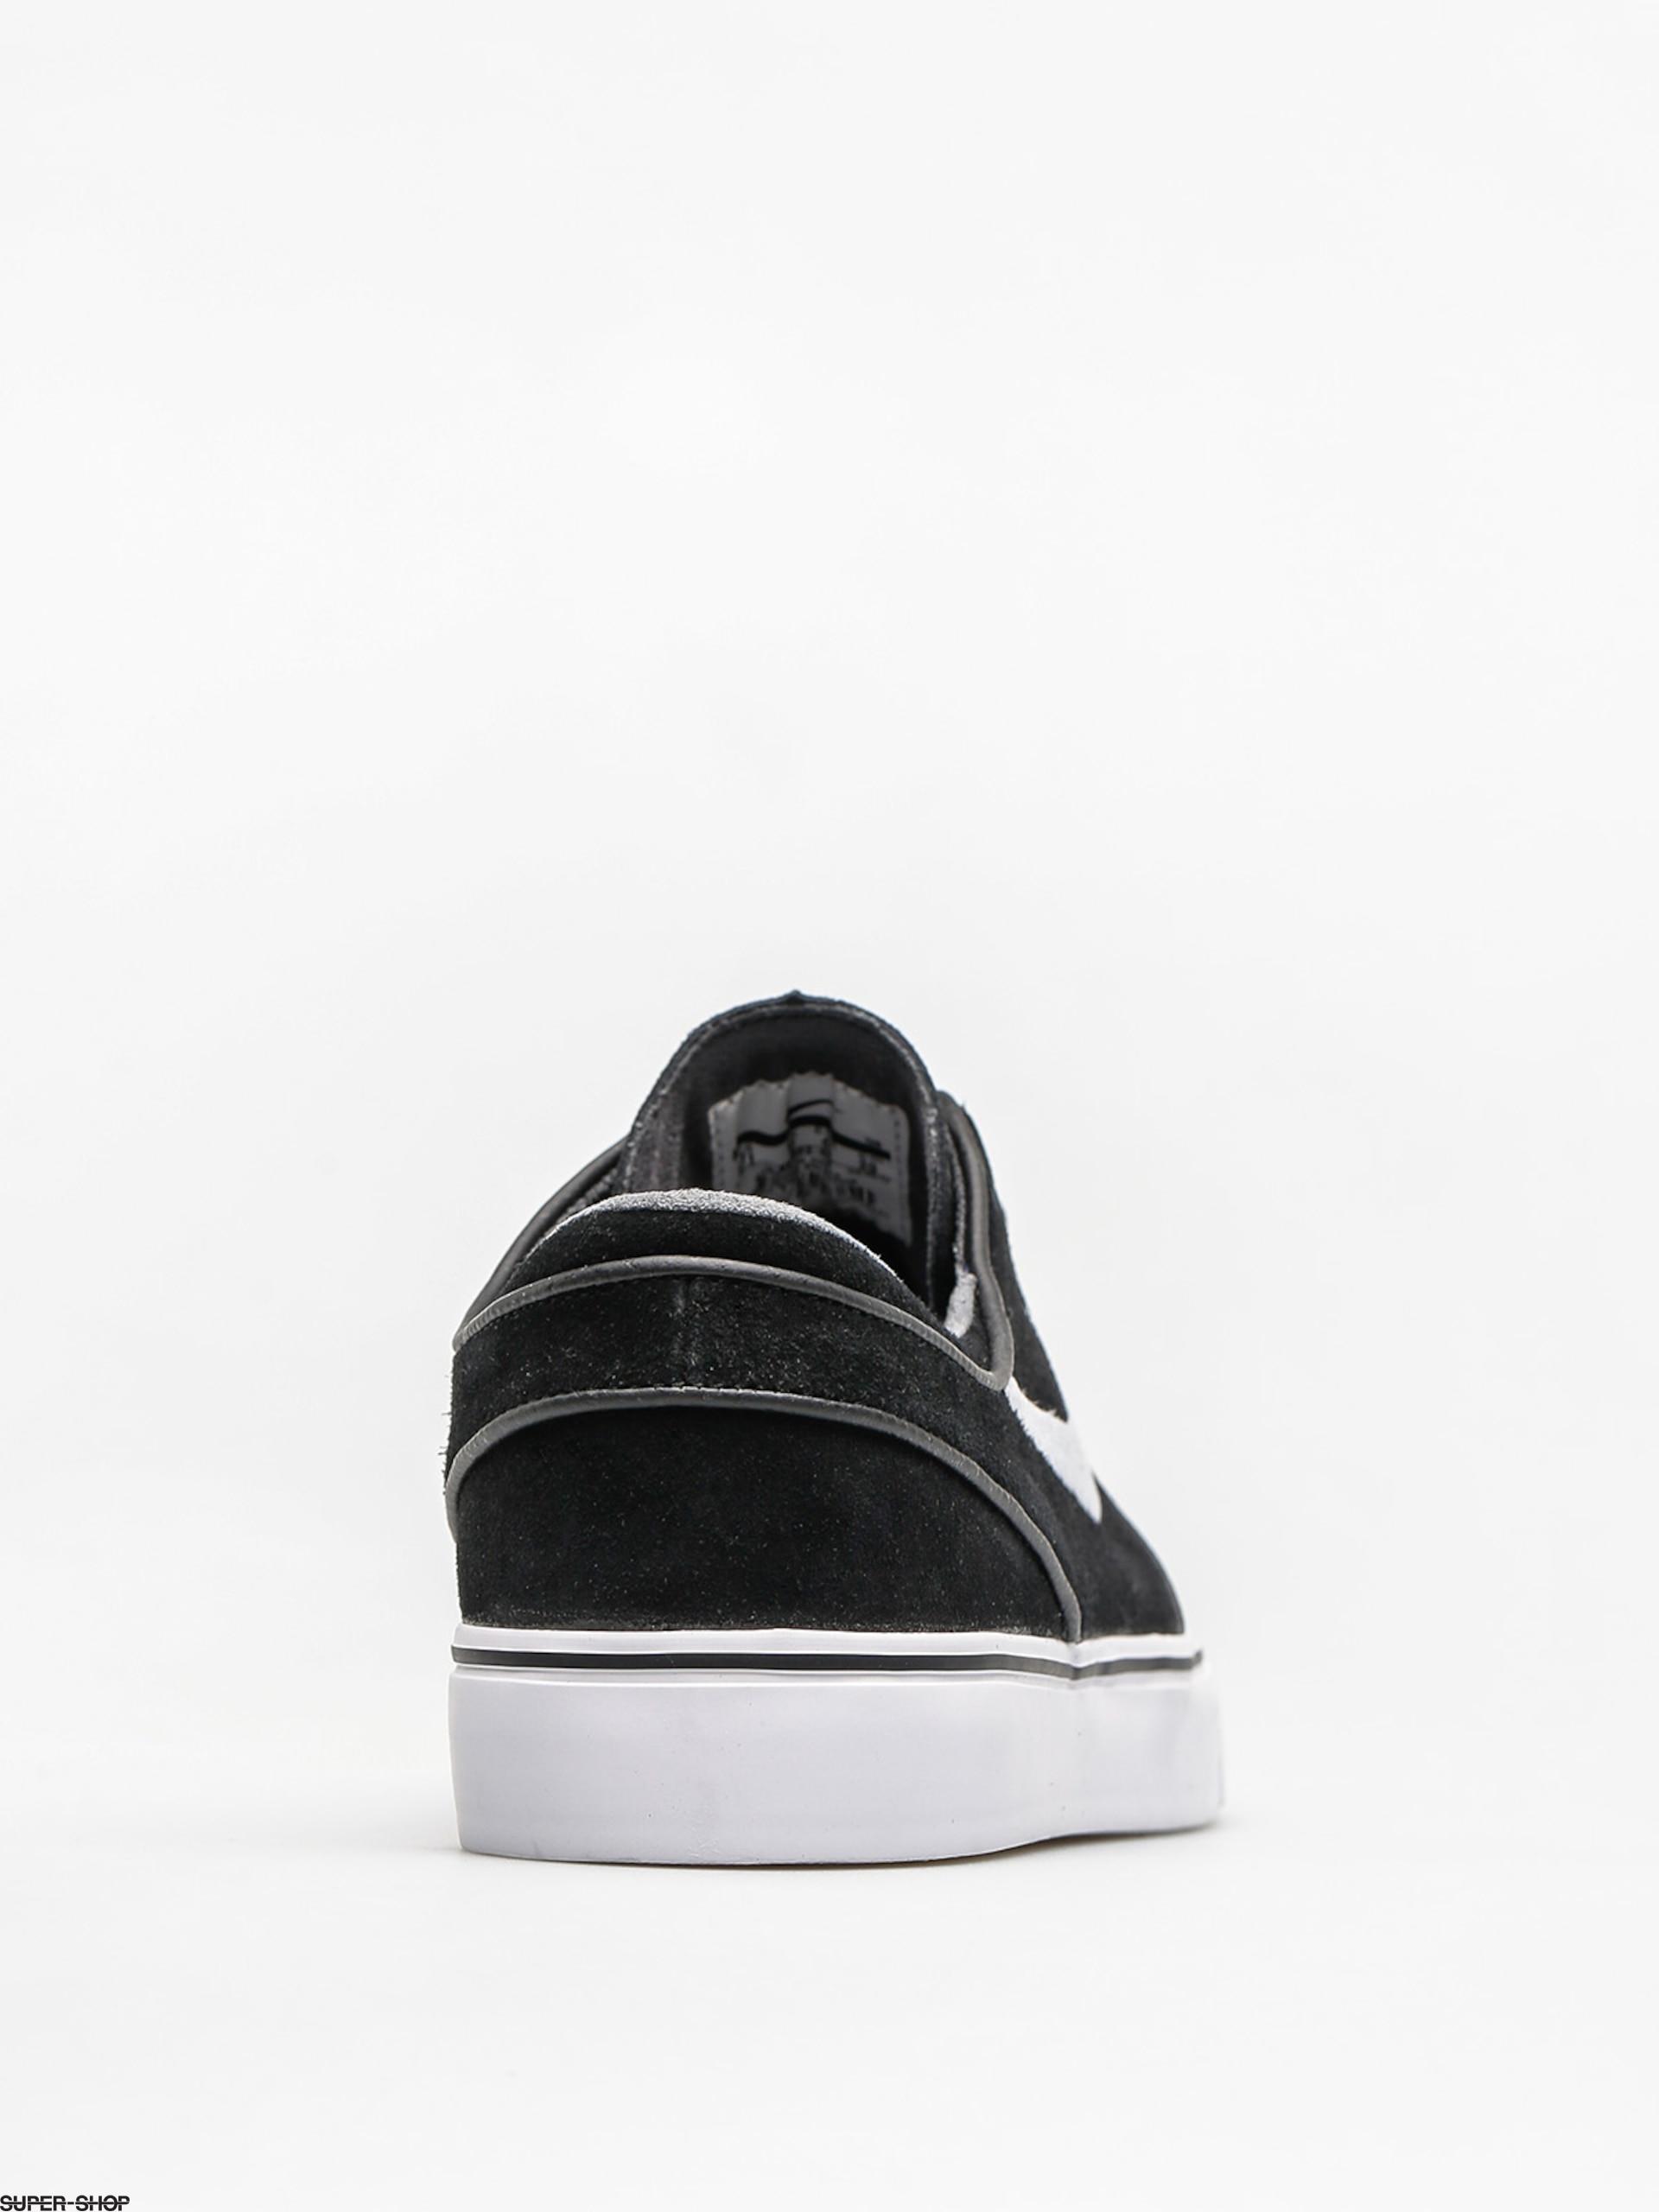 buy online b2257 ff36b Nike SB Shoes Zoom Stefan Janoski Og (blackwhite gum light b